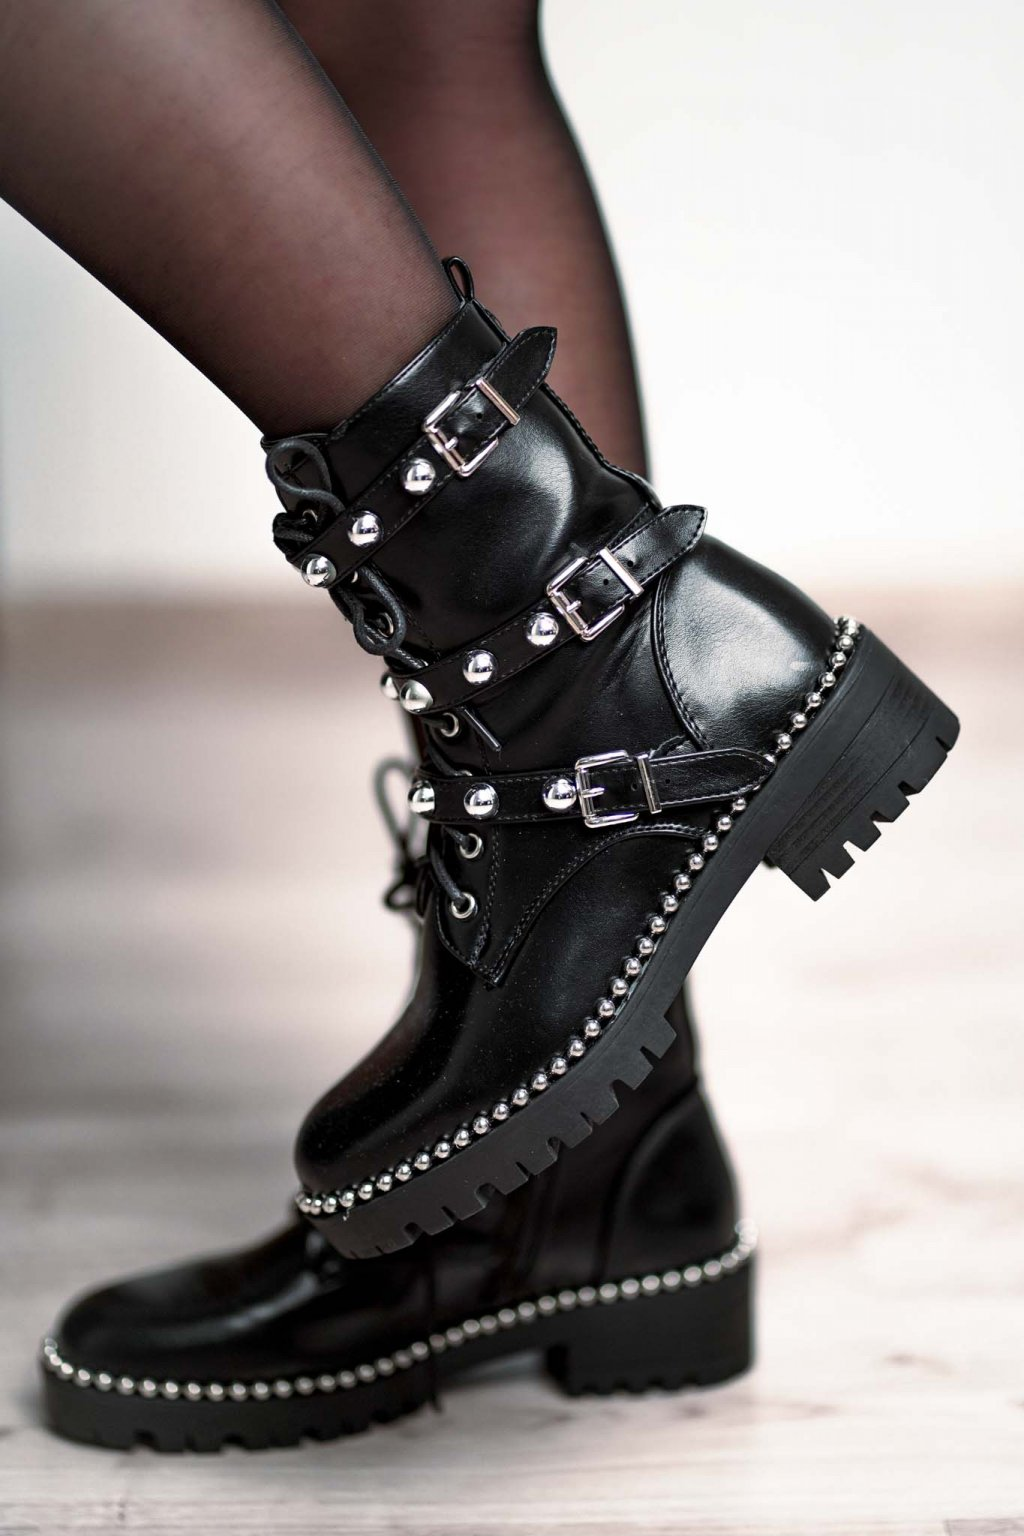 topánky, obuv, tenisky, botasky, lodičky, čižmy, šľapky, sandálky 313